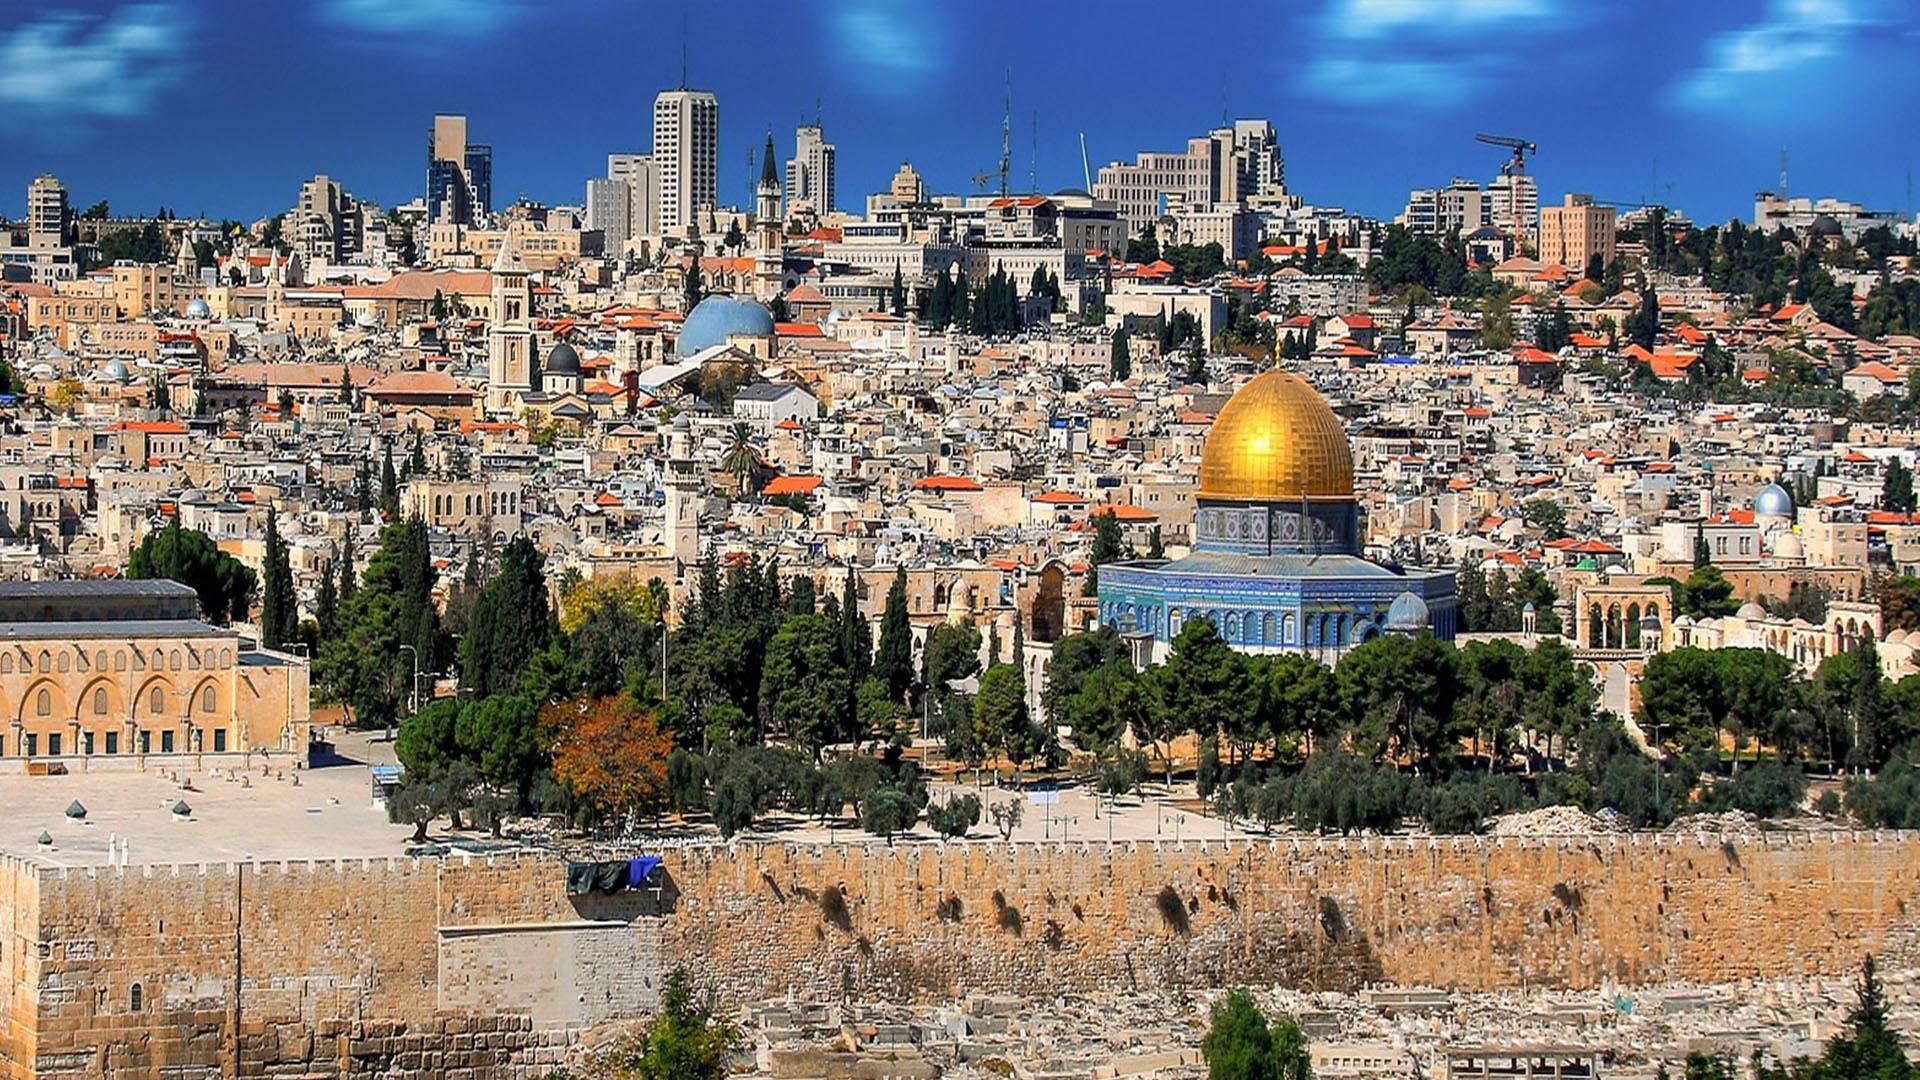 Israel entra na lista de curiosidades sobre passaportes por ser rejeitado por muitos países vizinhos.